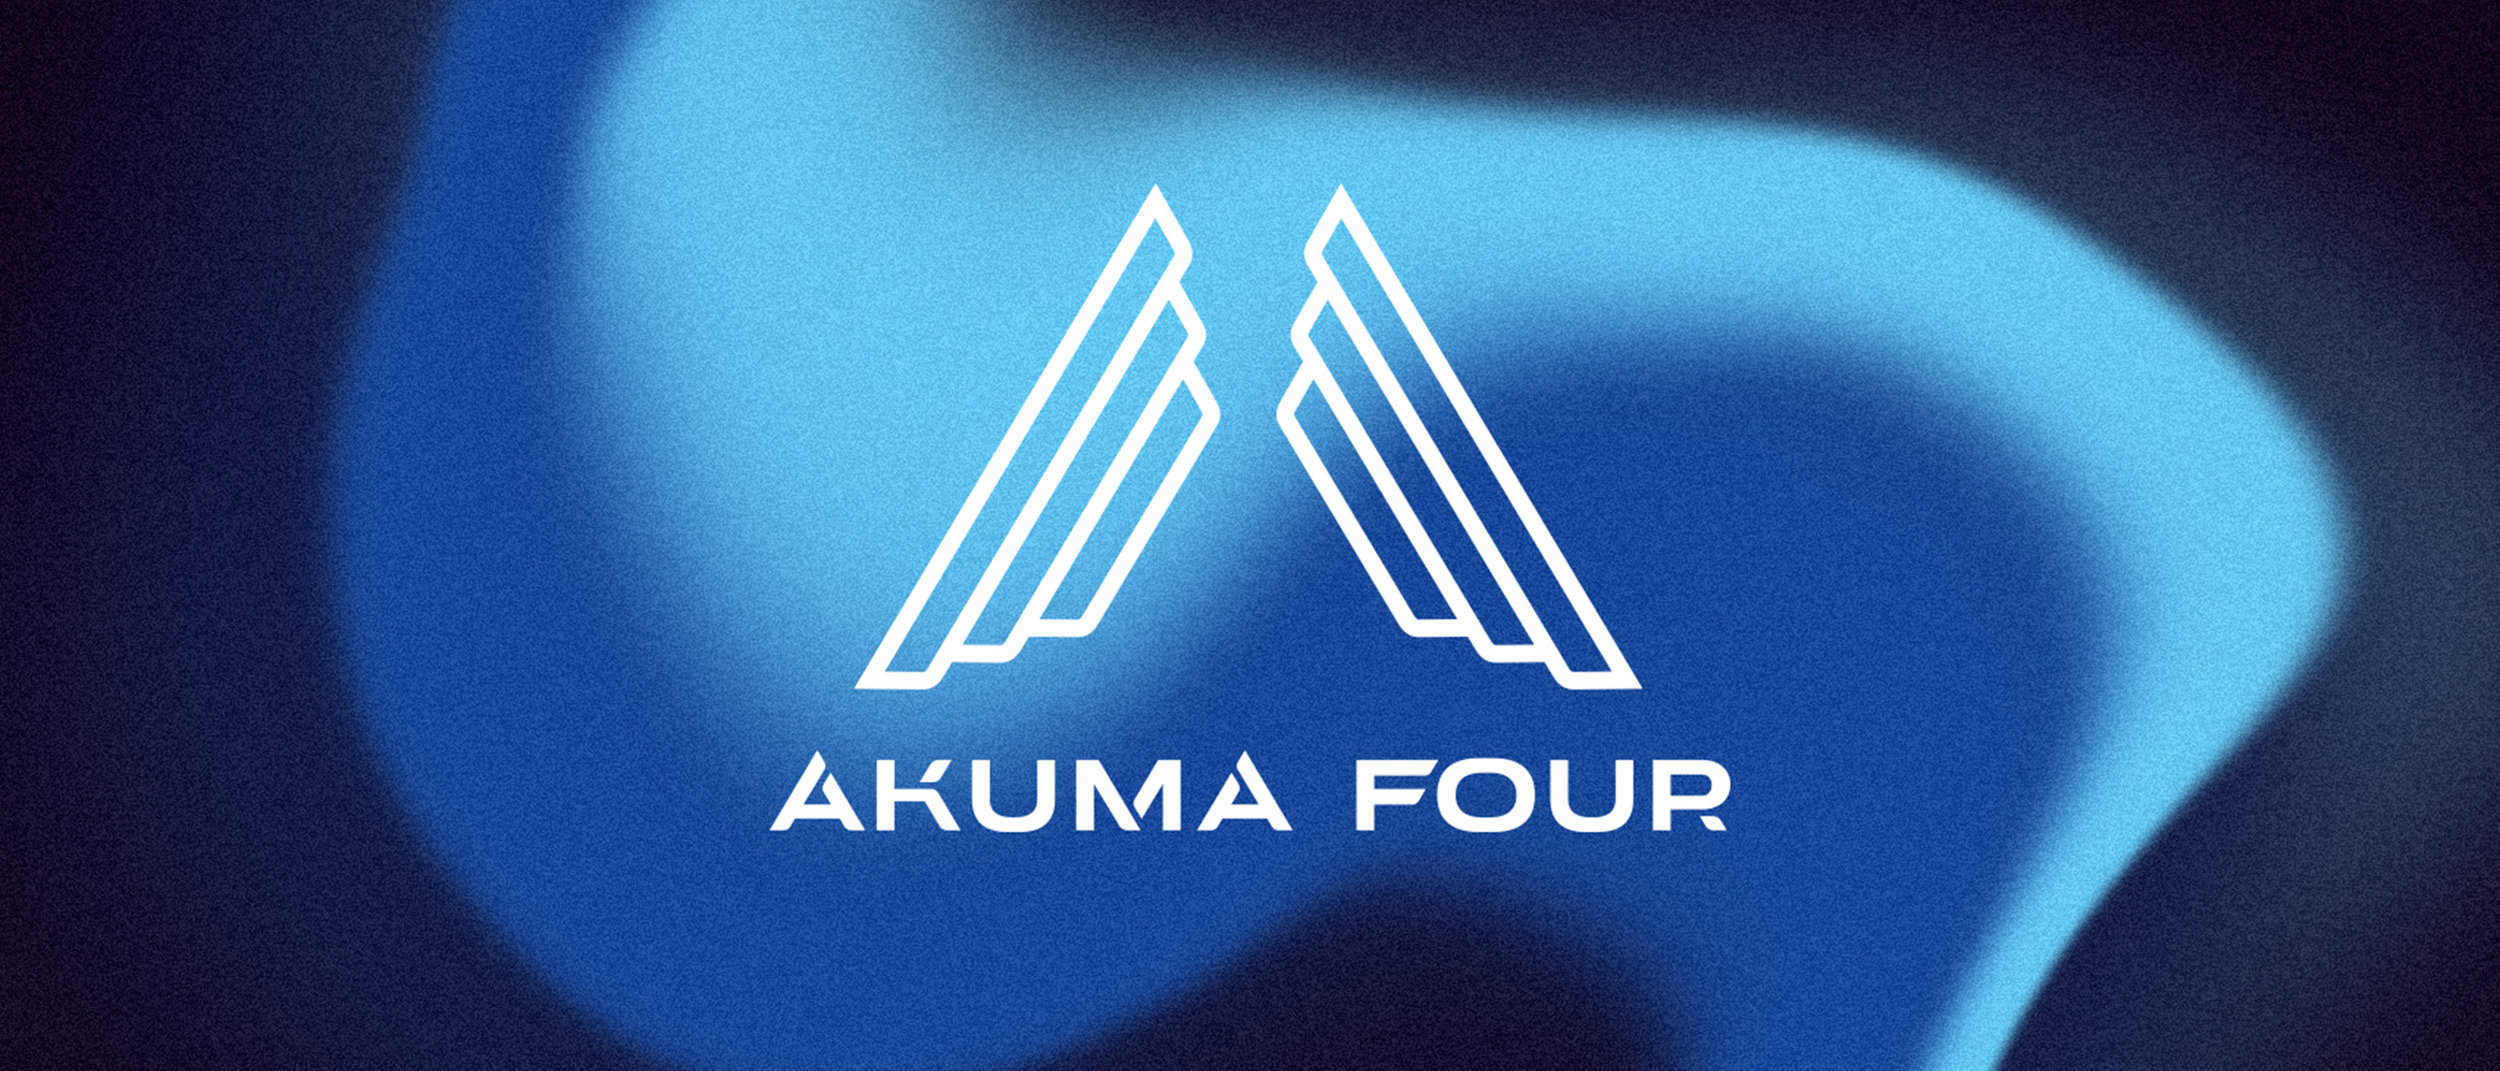 Akuma Four - Banner